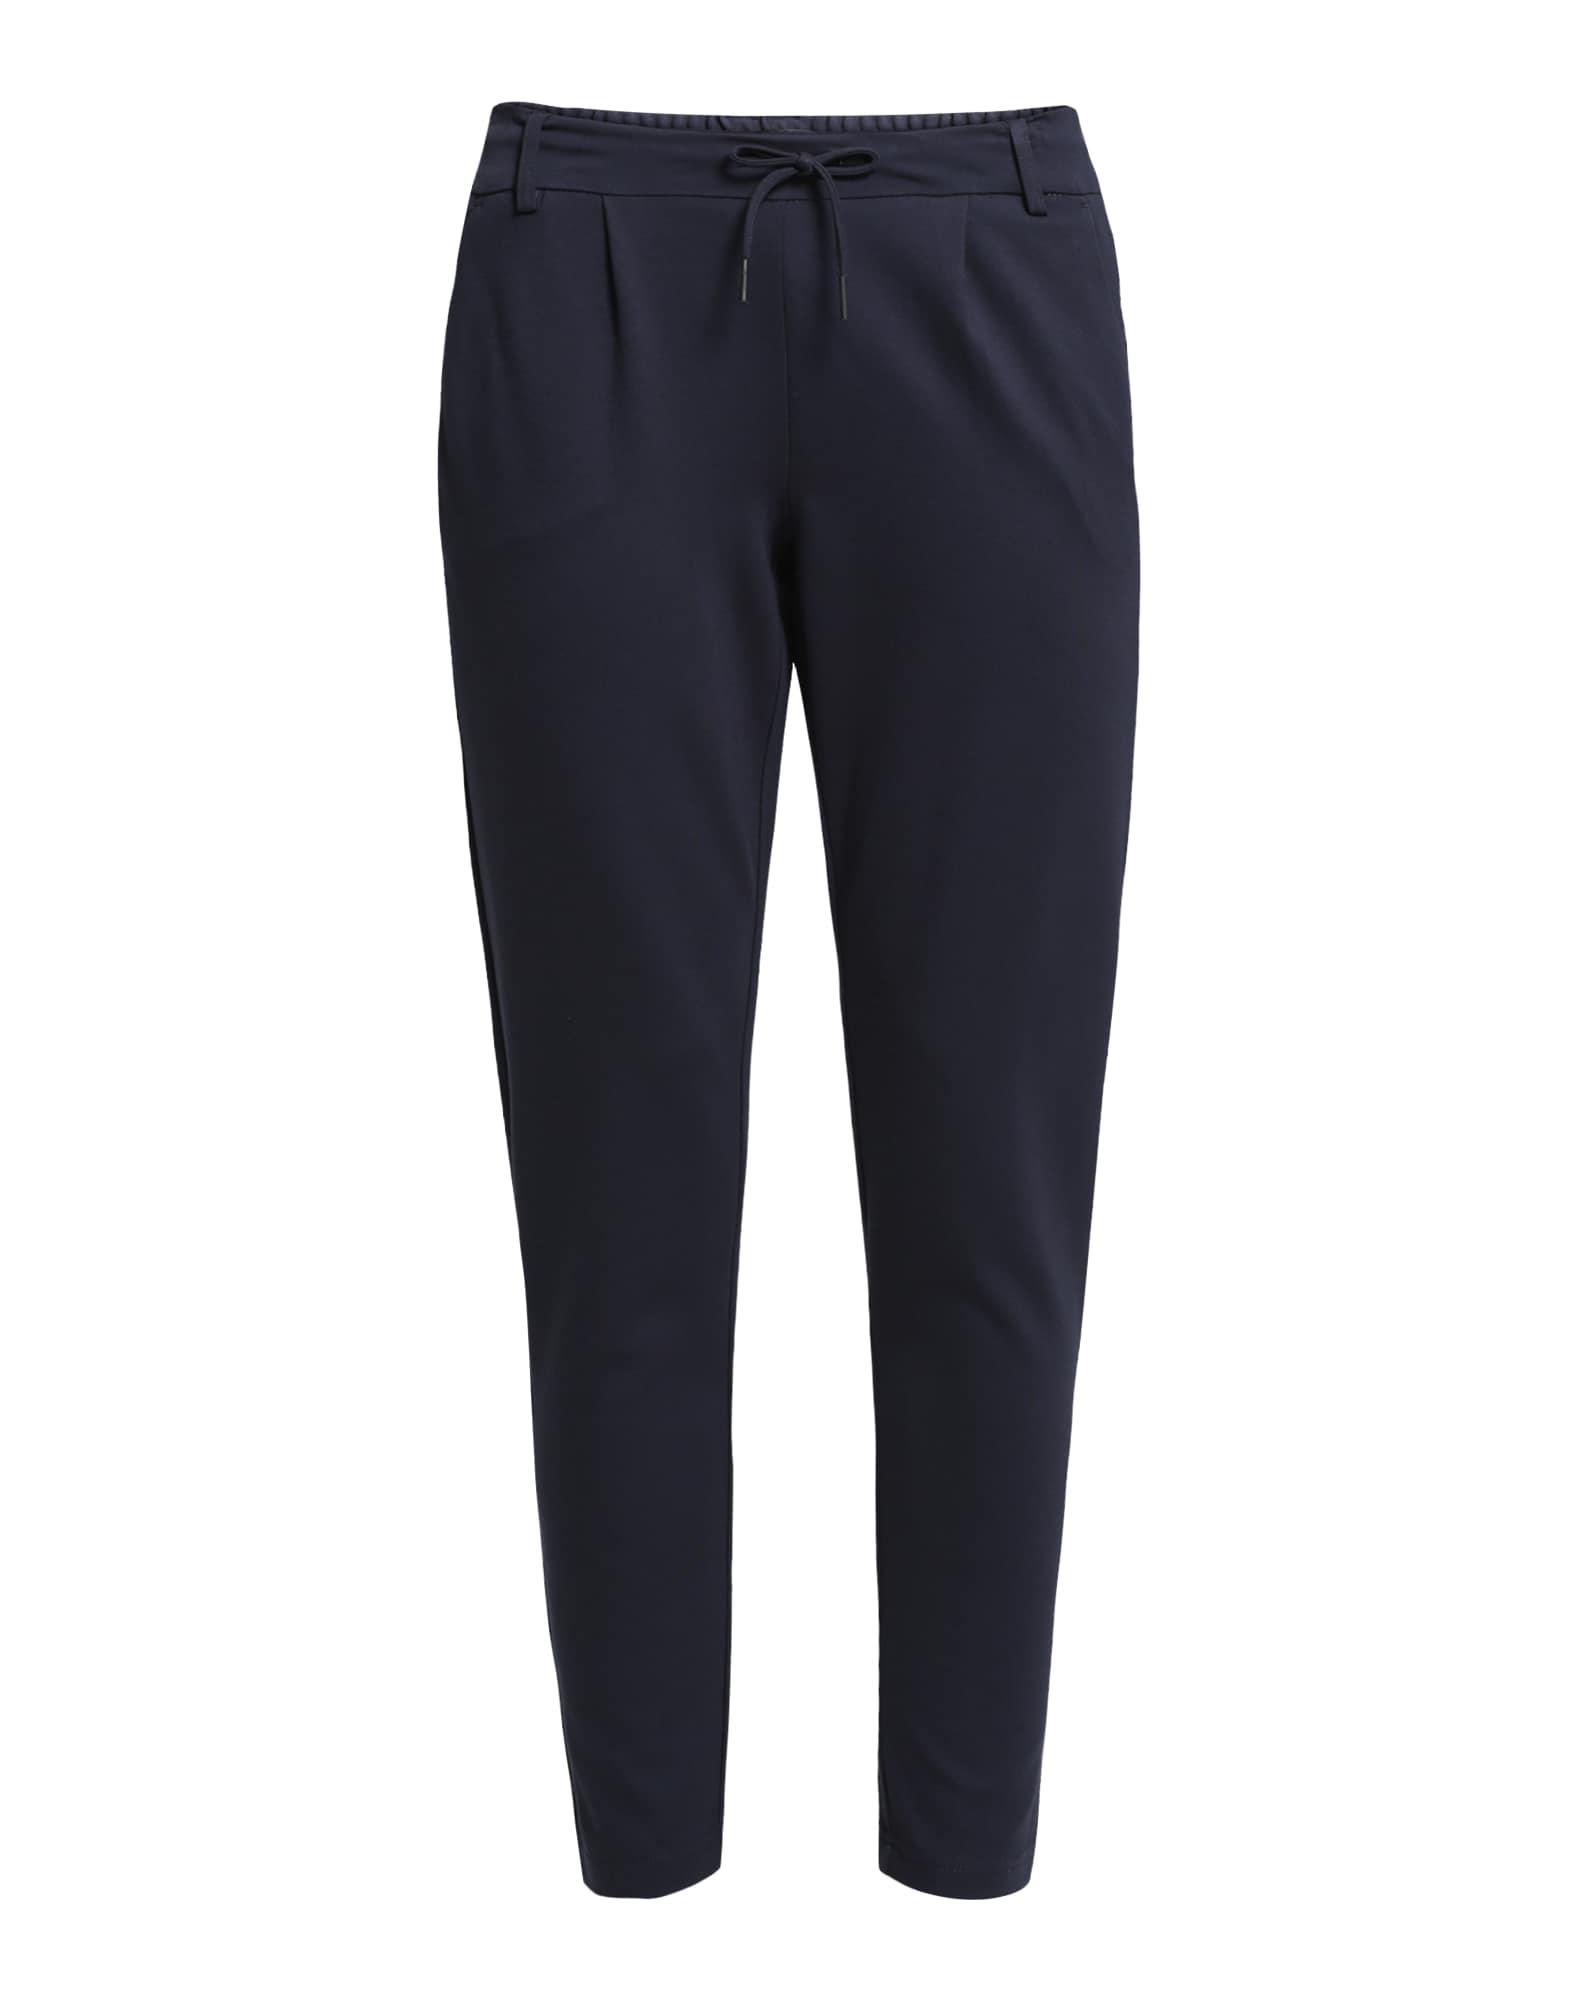 Kalhoty se sklady v pase ONLPoptrash tmavě modrá ONLY